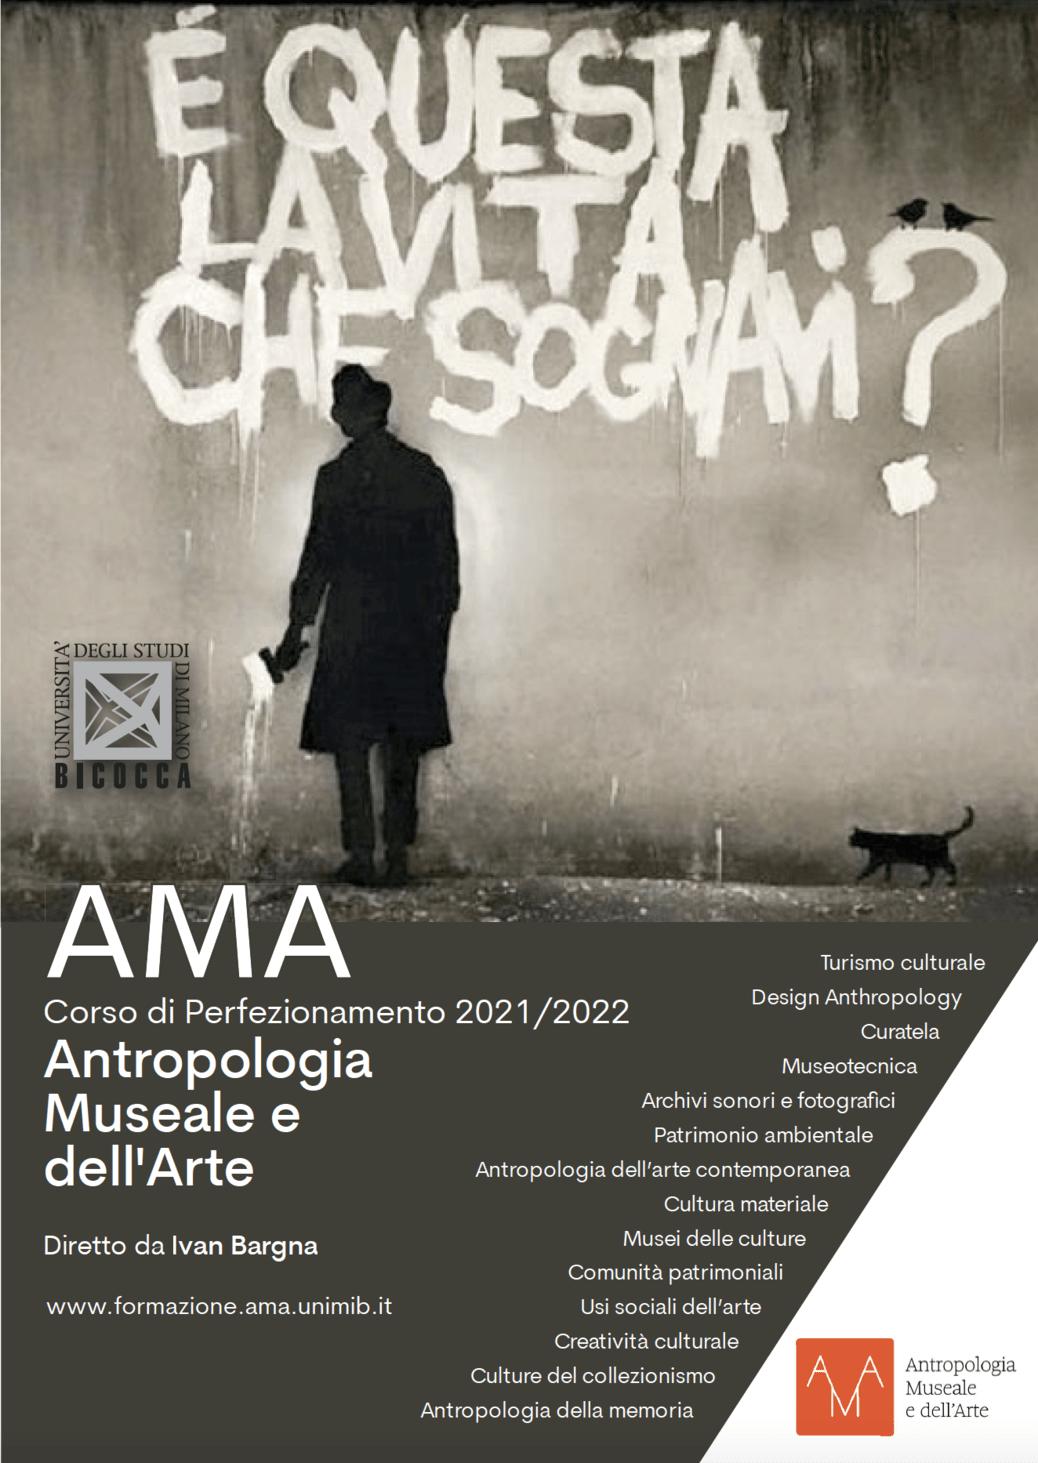 AMA - Corso di perfezionamento 2021/2022 in beni demo-etno-antropologici